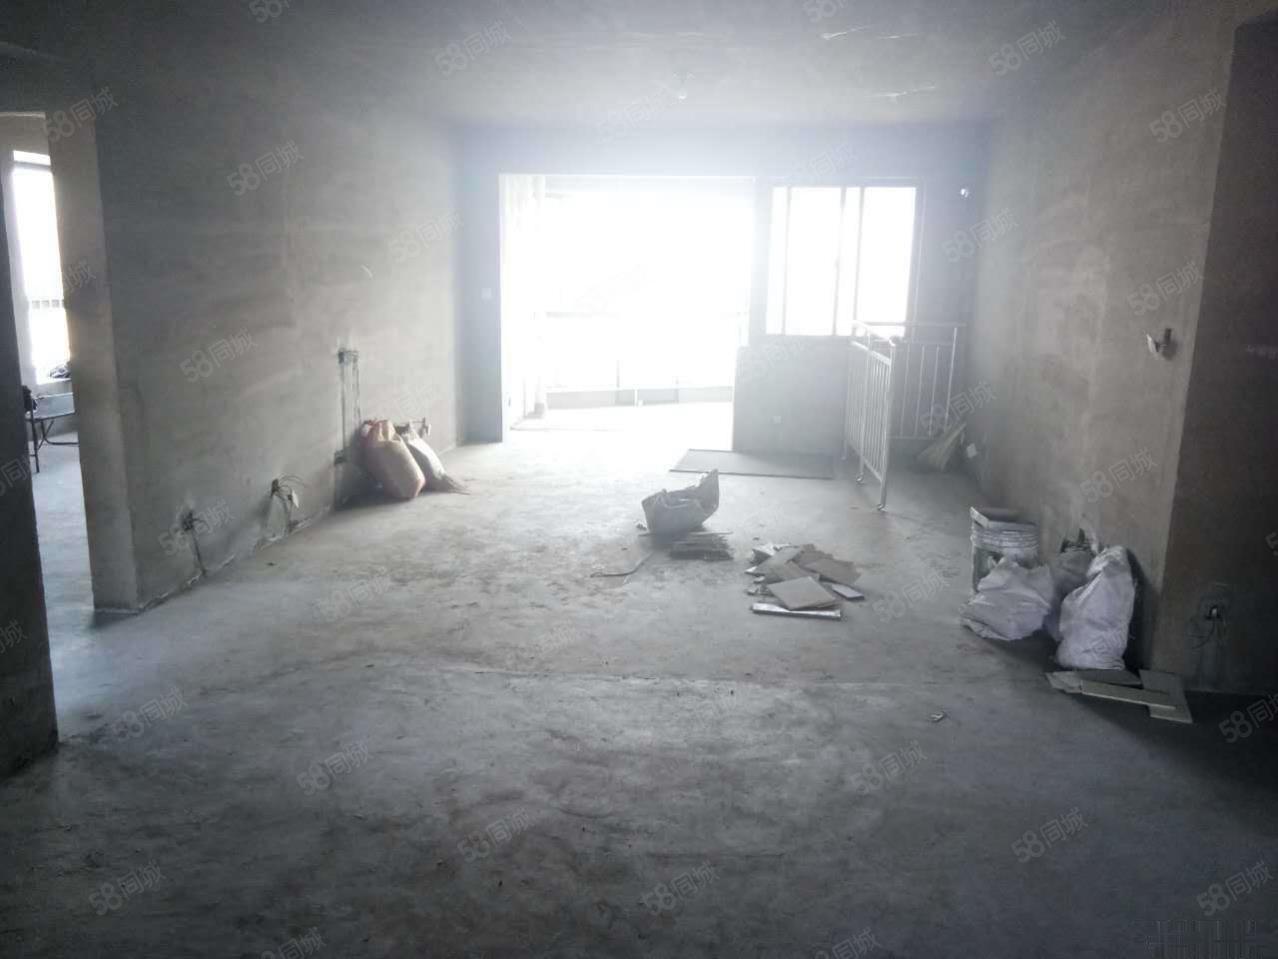 渭阳路国润翠湖三室毛坯临湖电梯观景房出售